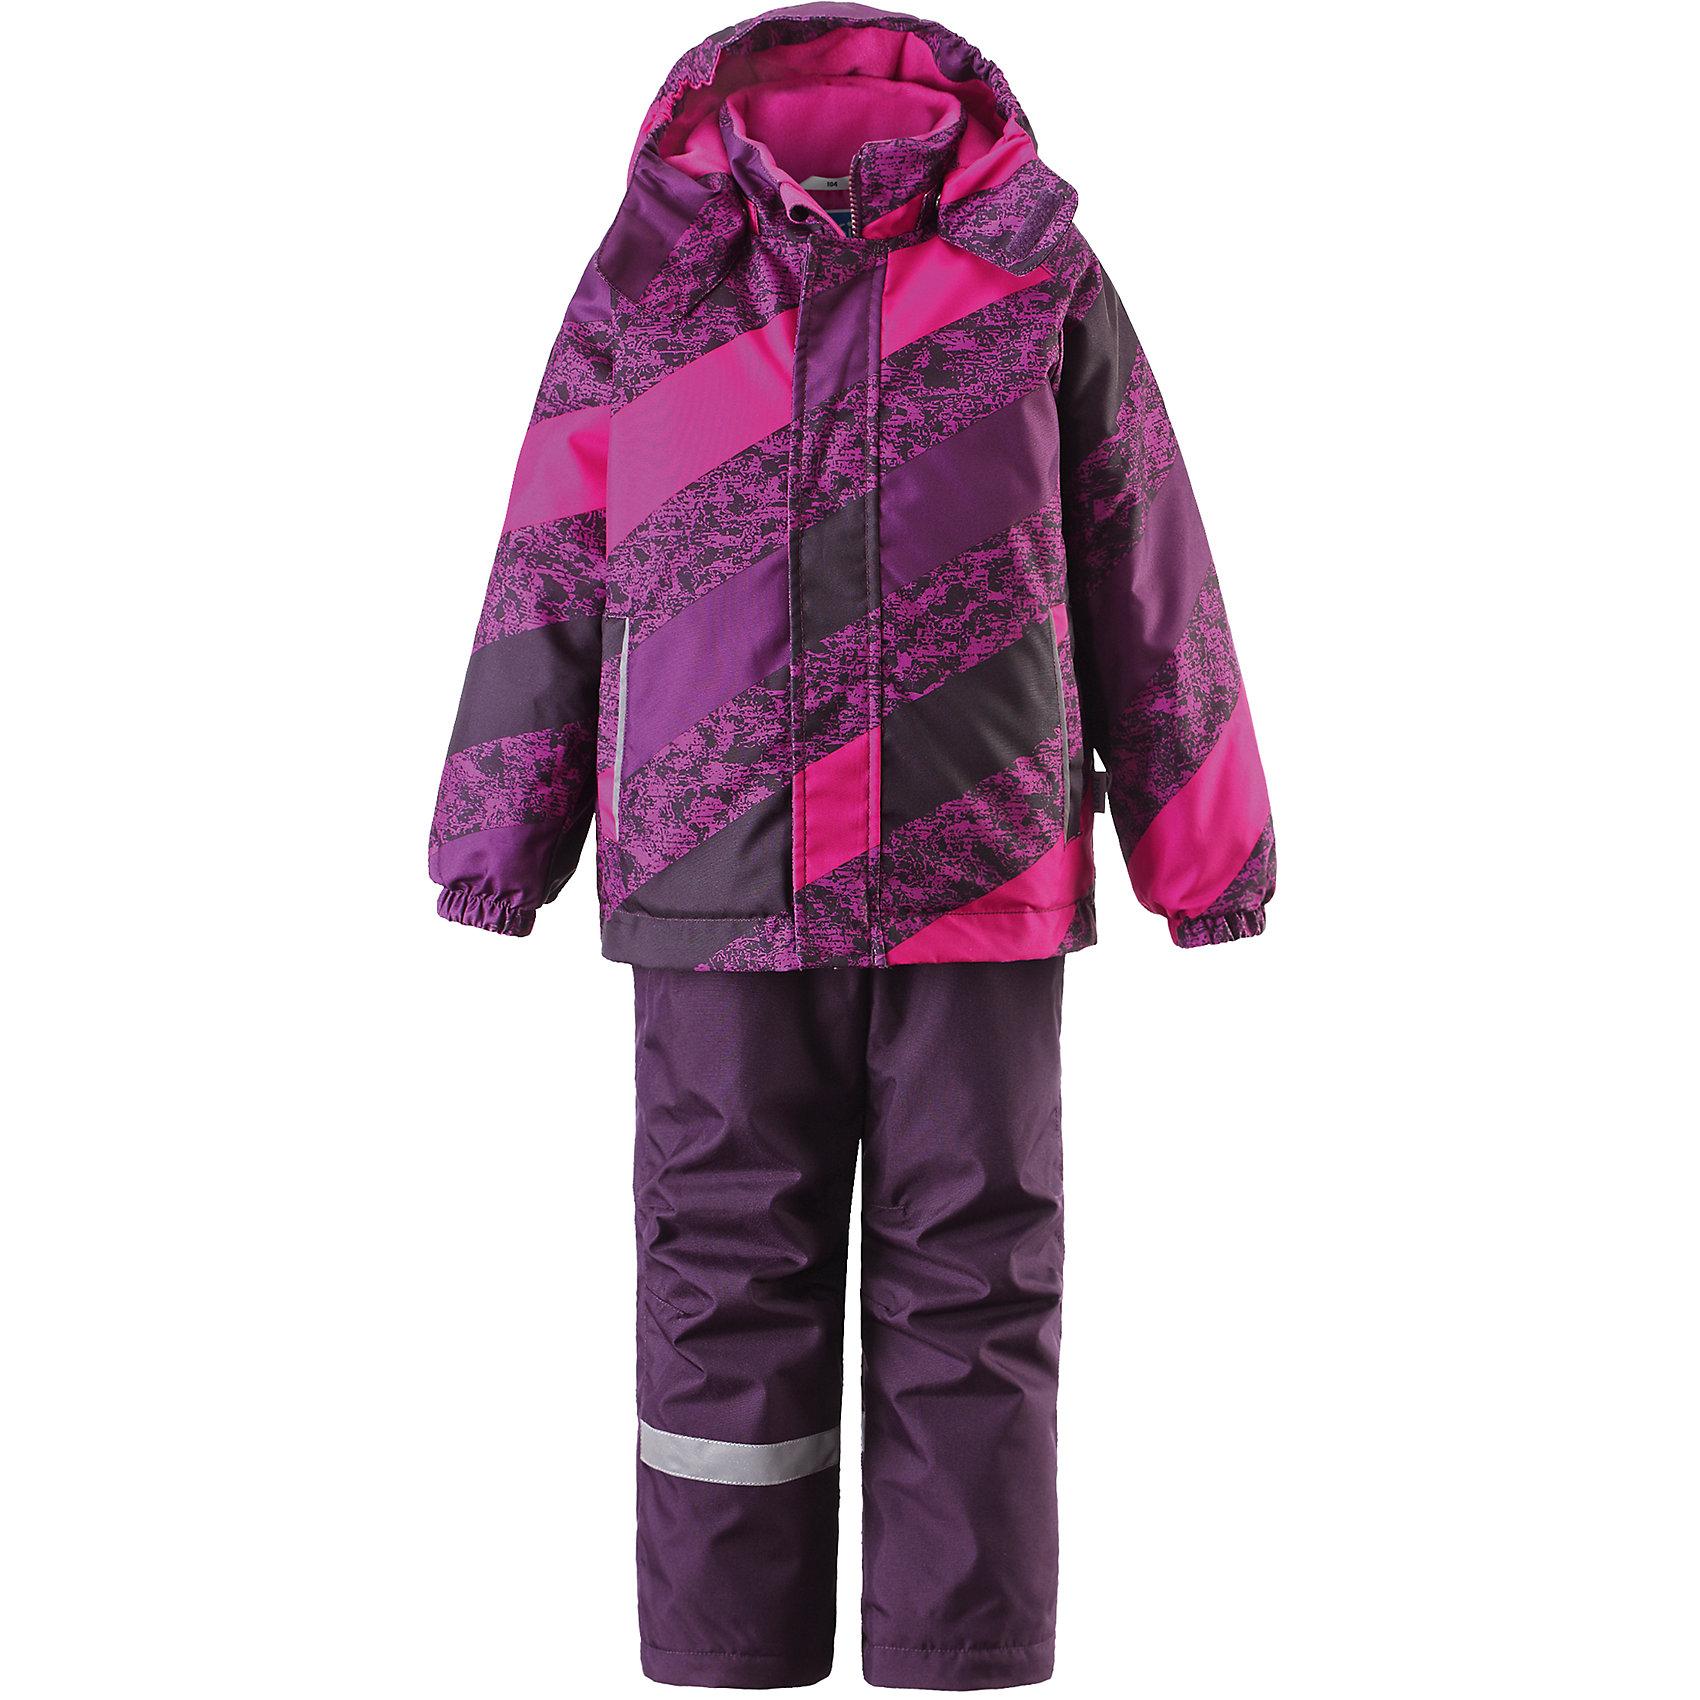 Комплект для девочки LASSIE by ReimaЗимний комплект для детей известной финской марки.<br><br>- Сверхпрочный материал. Водоотталкивающий, ветронепроницаемый, «дышащий» и грязеотталкивающий материал.<br>- Задний серединный шов брюк проклеен. <br>- Гладкая подкладка из полиэстра.<br>-  Средняя степень утепления.<br>-  Безопасный, съемный капюшон.<br>-  Эластичные манжеты. Эластичная талия. <br>- Снегозащитные манжеты на штанинах. <br>- Ширинка на молнии. Два прорезных кармана.<br>-  Регулируемые и отстегивающиеся эластичные подтяжки. <br>- Принт по всей поверхности.  <br><br>Рекомендации по уходу: Стирать по отдельности, вывернув наизнанку. Застегнуть молнии и липучки. Соблюдать температуру в соответствии с руководством по уходу. Стирать моющим средством, не содержащим отбеливающие вещества. Полоскать без специального средства. Сушение в сушильном шкафу разрешено при  низкой температуре.<br><br>Состав: 100% Полиамид, полиуретановое покрытие.  Утеплитель «Lassie wadding» 100гр.(брюки); 180гр.(куртка).<br><br>Ширина мм: 190<br>Глубина мм: 74<br>Высота мм: 229<br>Вес г: 236<br>Цвет: розовый<br>Возраст от месяцев: 18<br>Возраст до месяцев: 24<br>Пол: Женский<br>Возраст: Детский<br>Размер: 140,92,134,128,122,116,110,104,98<br>SKU: 4782148